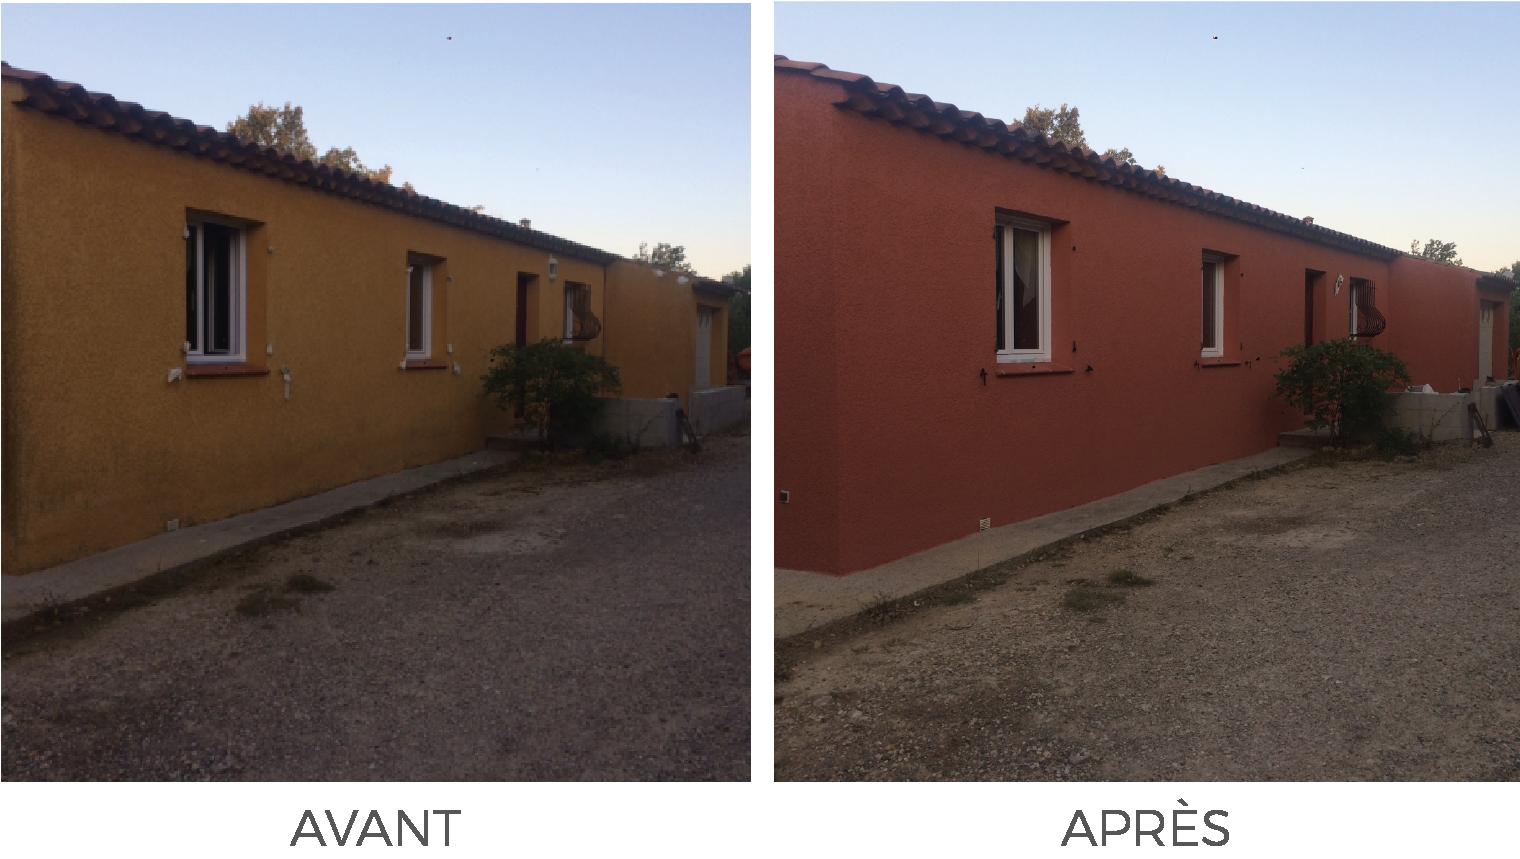 Artisan Monsieur Jean couvreur s'occupe des fuites et de la réparation de votre toiture à Vidauban, Saint-Maximin et Saint-Raphael